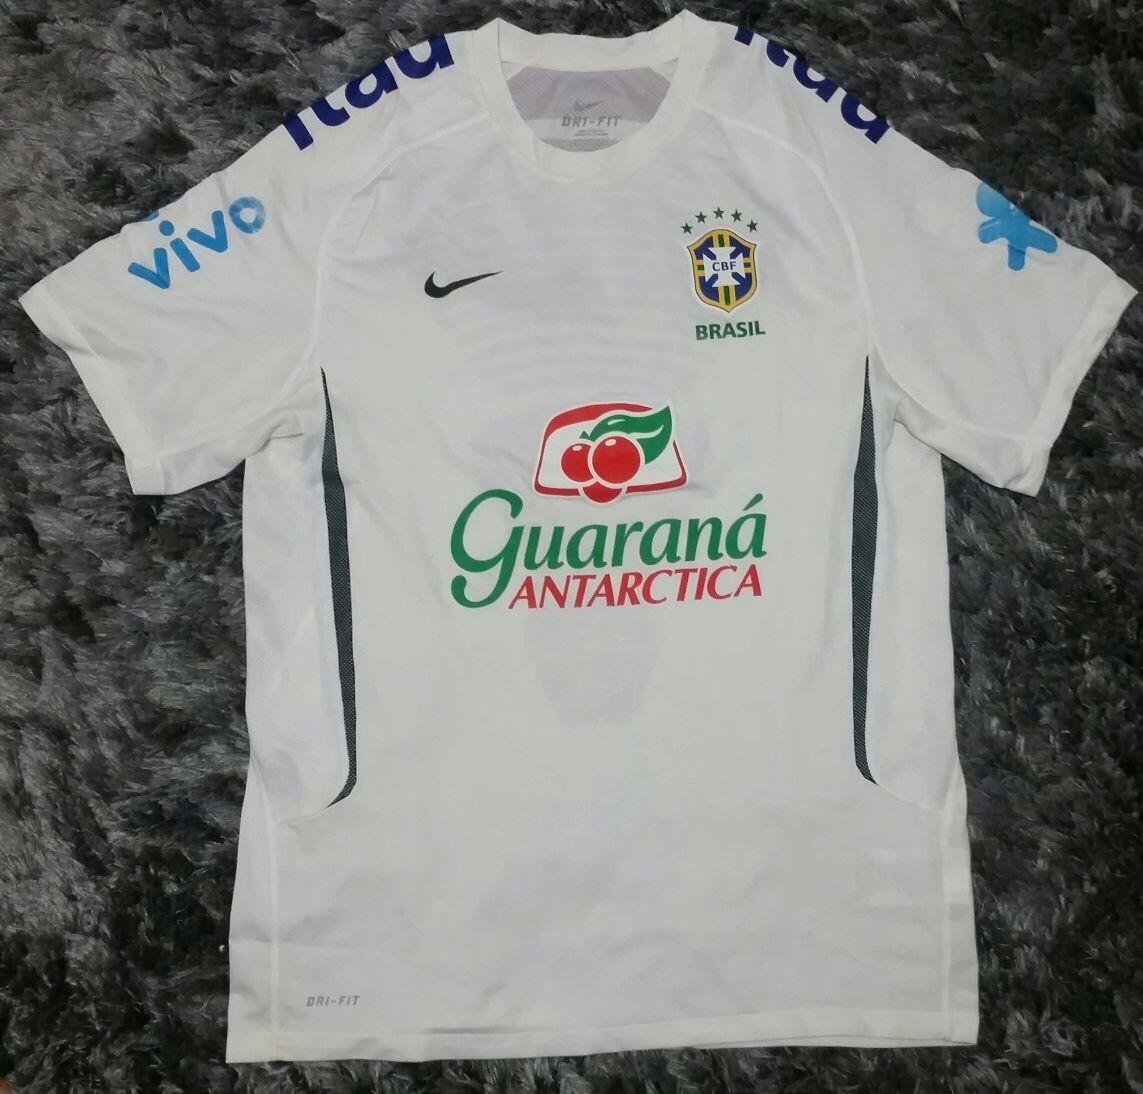 d71a893ee9eeb camisa nike seleção brasileira branca de treino 2011 brasil. Carregando  zoom.